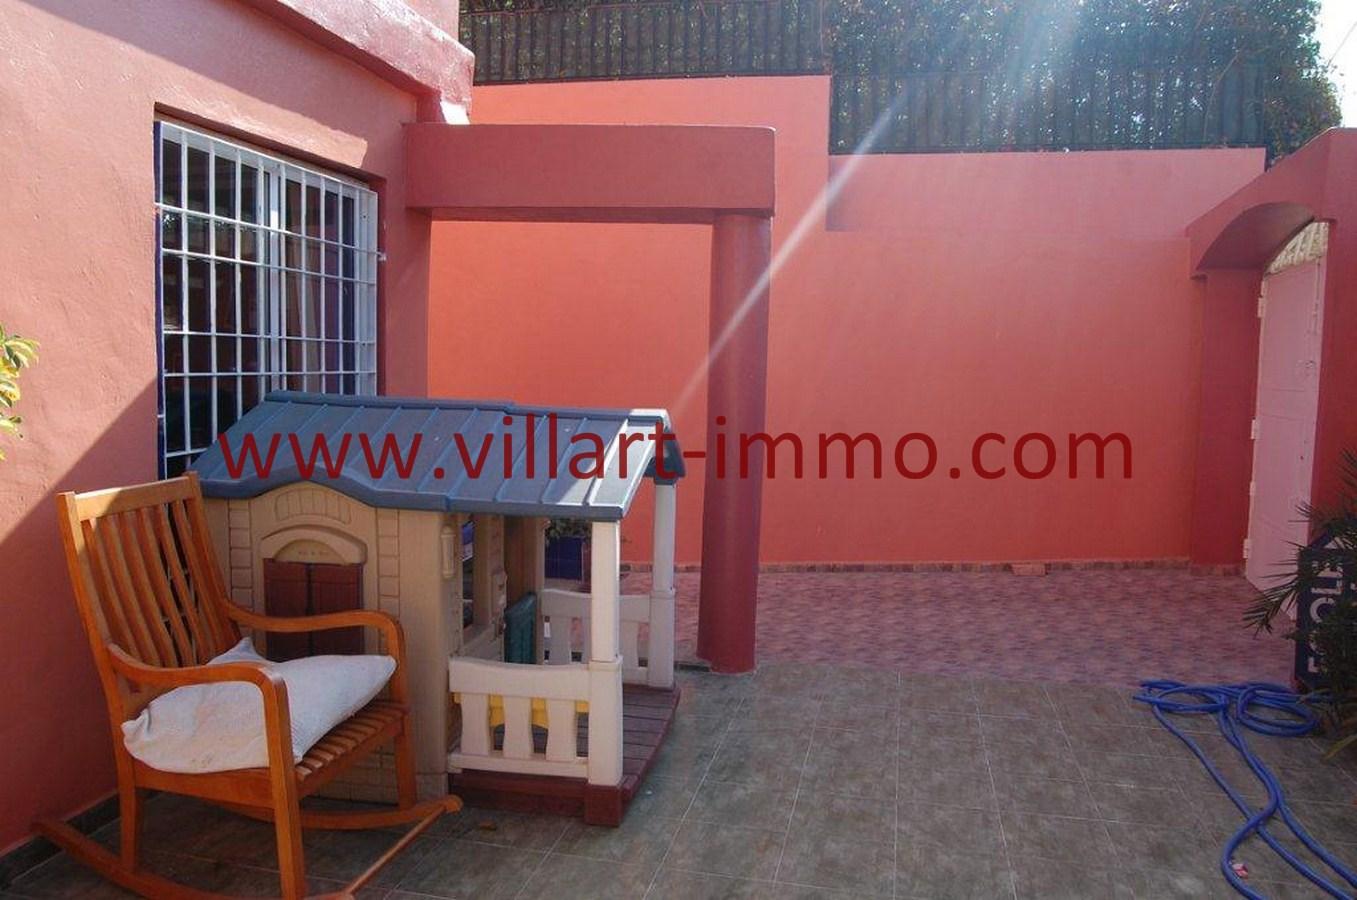 7-Vente-Villa-Tanger-Mojahidin-Entrée-VV512-Villart Imm